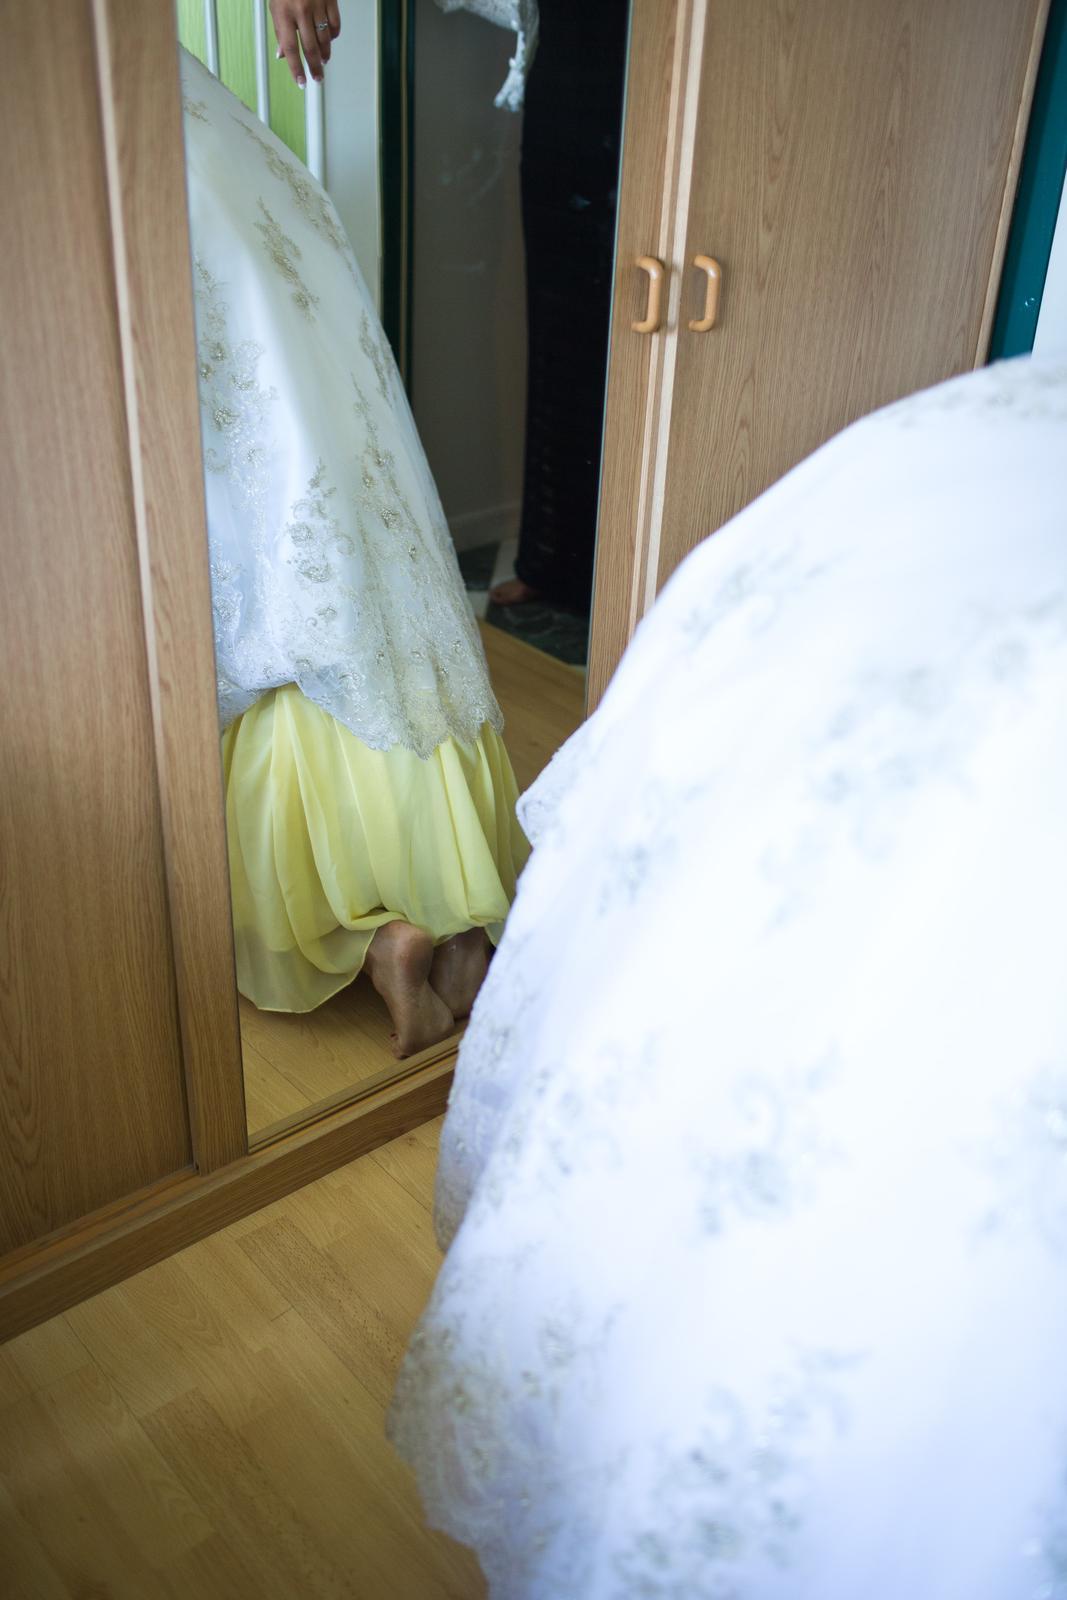 Najvtipnejšie zábery - A kto mi to lezie pod sukňu?